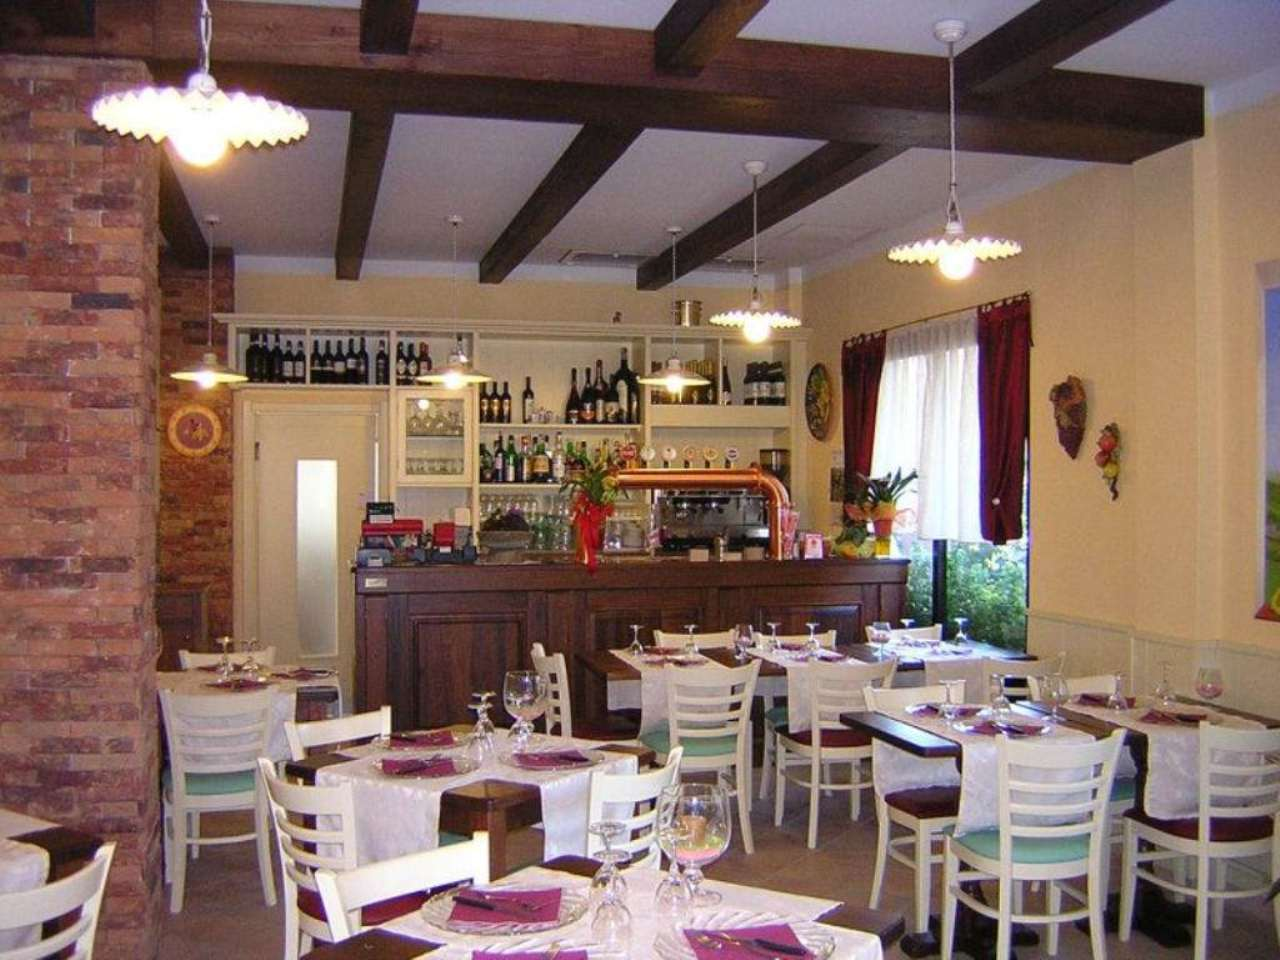 Ristorante / Pizzeria / Trattoria in vendita a Stra, 4 locali, Trattative riservate | Cambio Casa.it